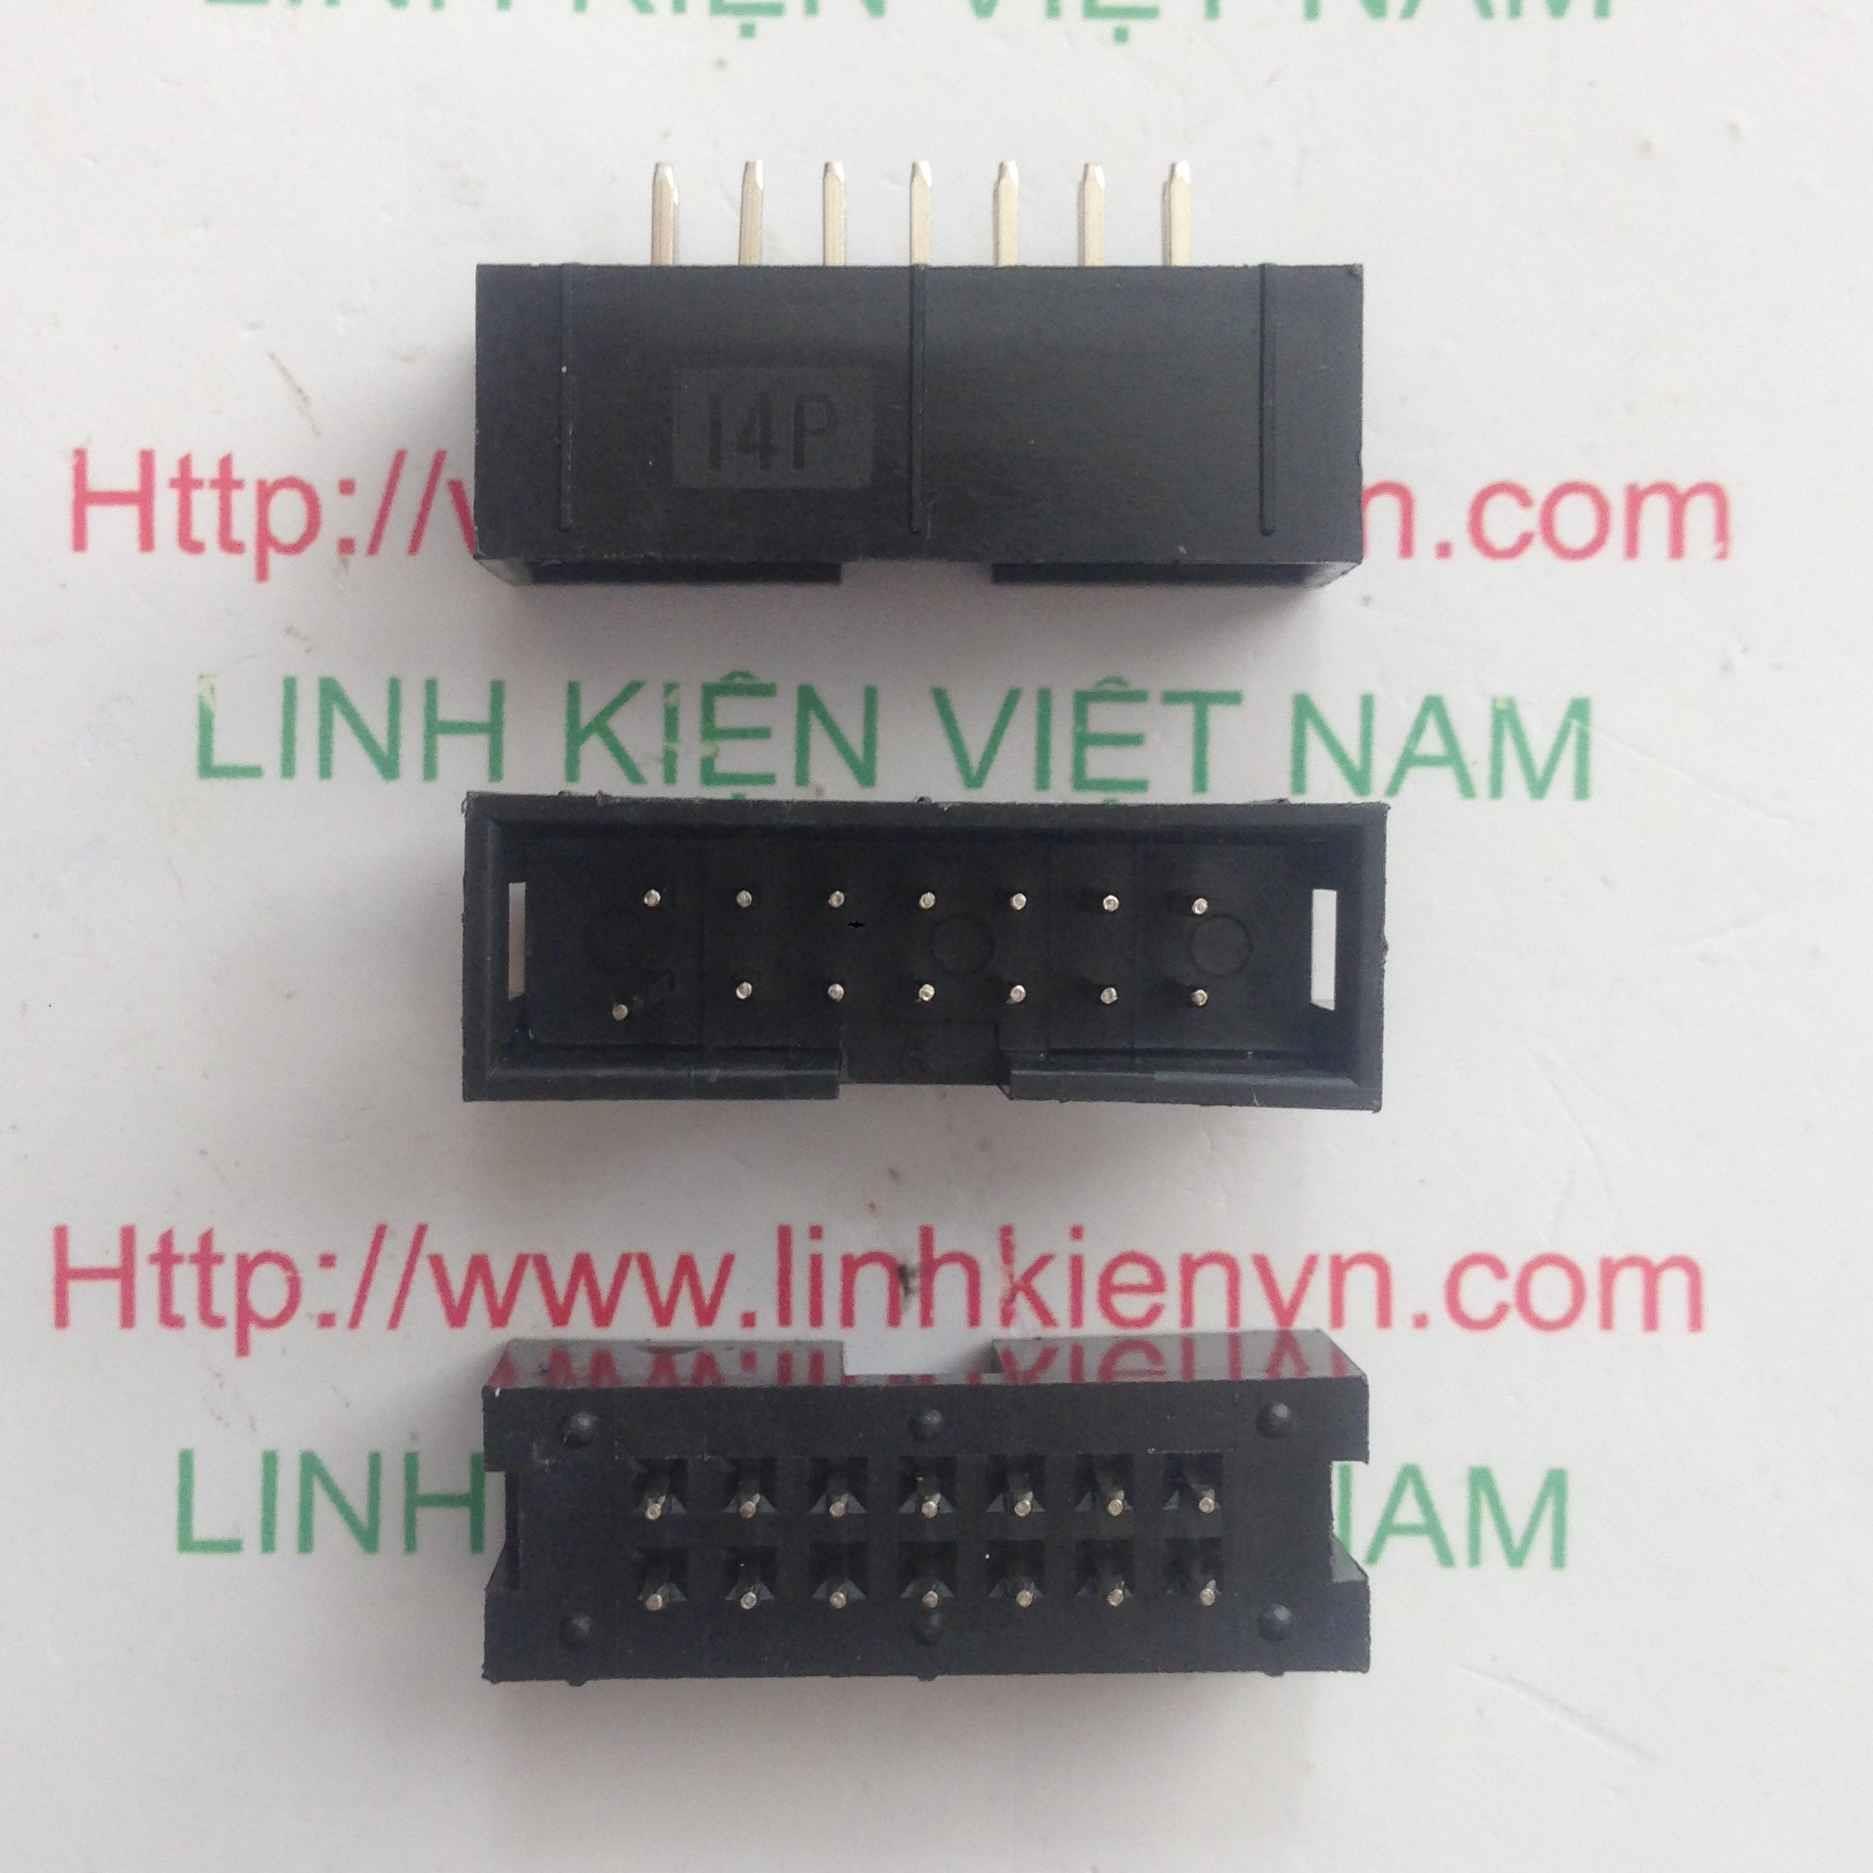 Đầu jack DC3-14p IDE ĐỰC THẲNG 14 chân - D10H2